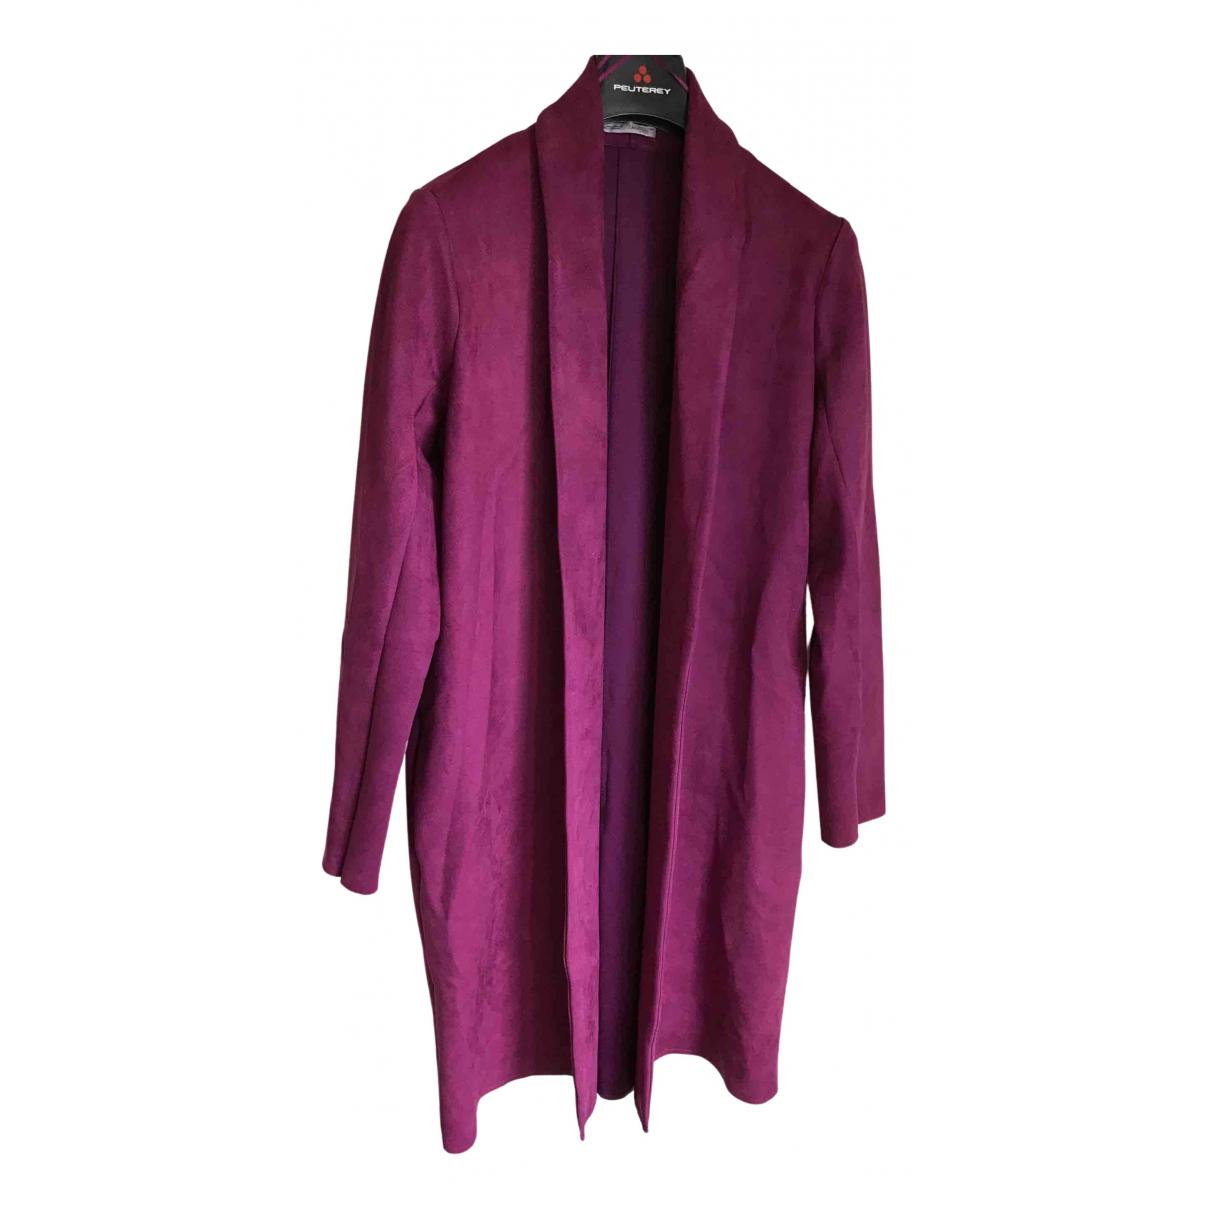 Zara - Manteau   pour femme - violet